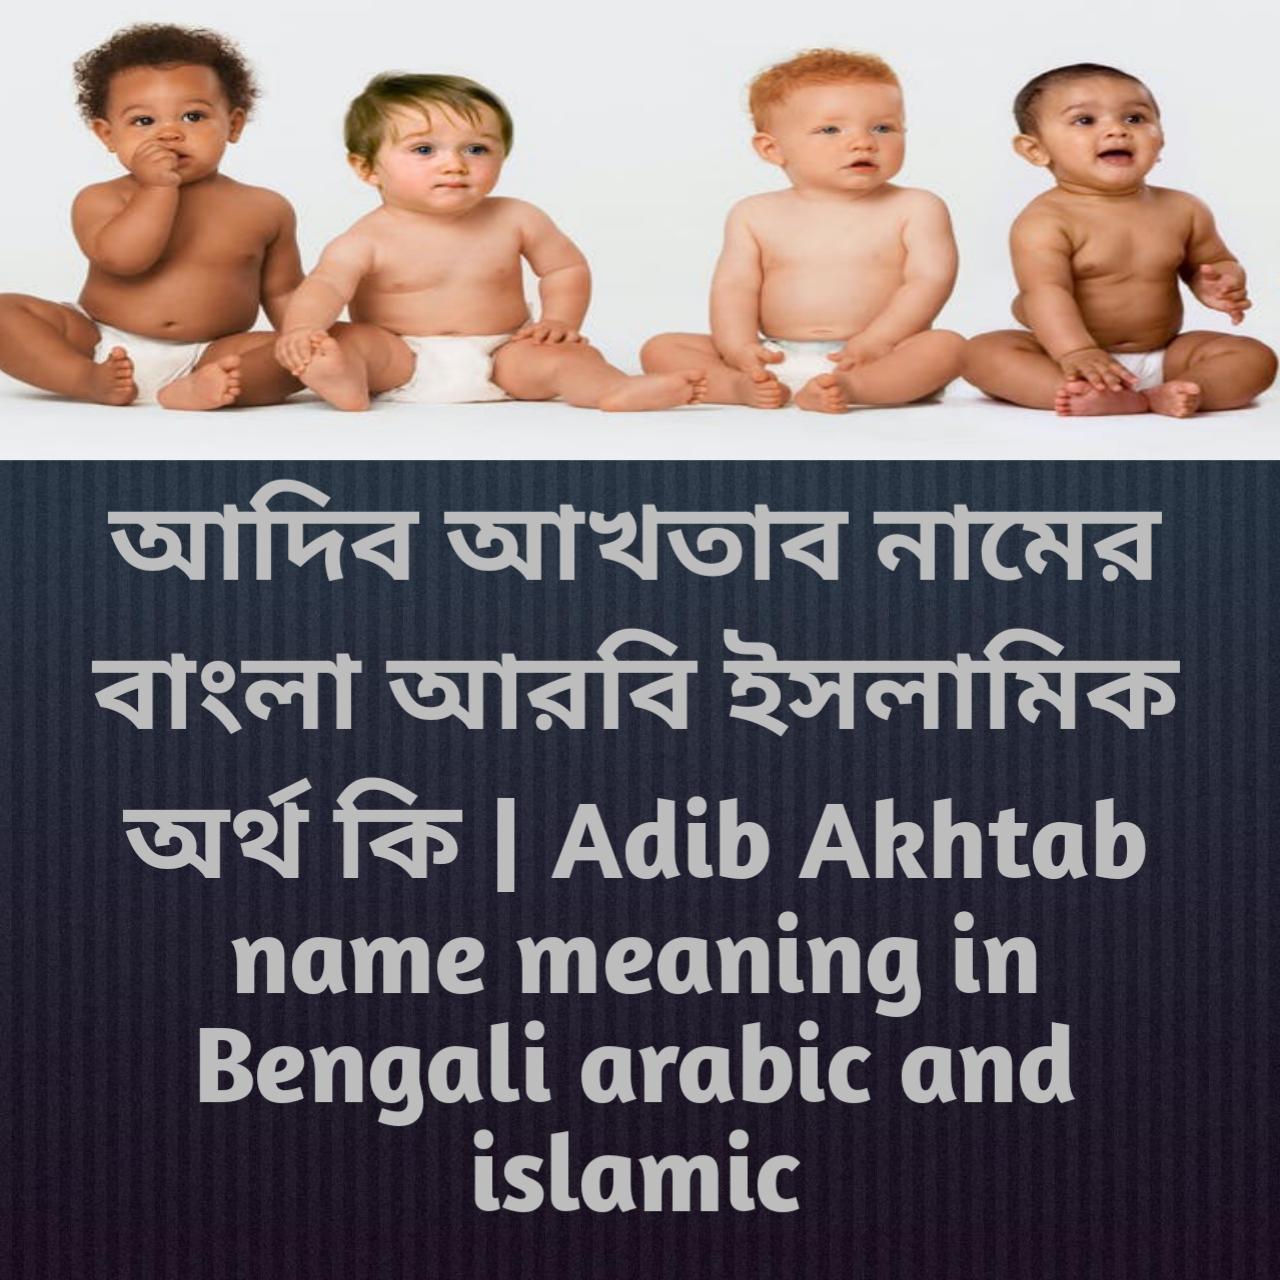 আদিব আখতাব নামের অর্থ কি, আদিব আখতাব নামের বাংলা অর্থ কি, আদিব আখতাব নামের ইসলামিক অর্থ কি, Adib Akhtab name meaning in Bengali, আদিব আখতাব কি ইসলামিক নাম,